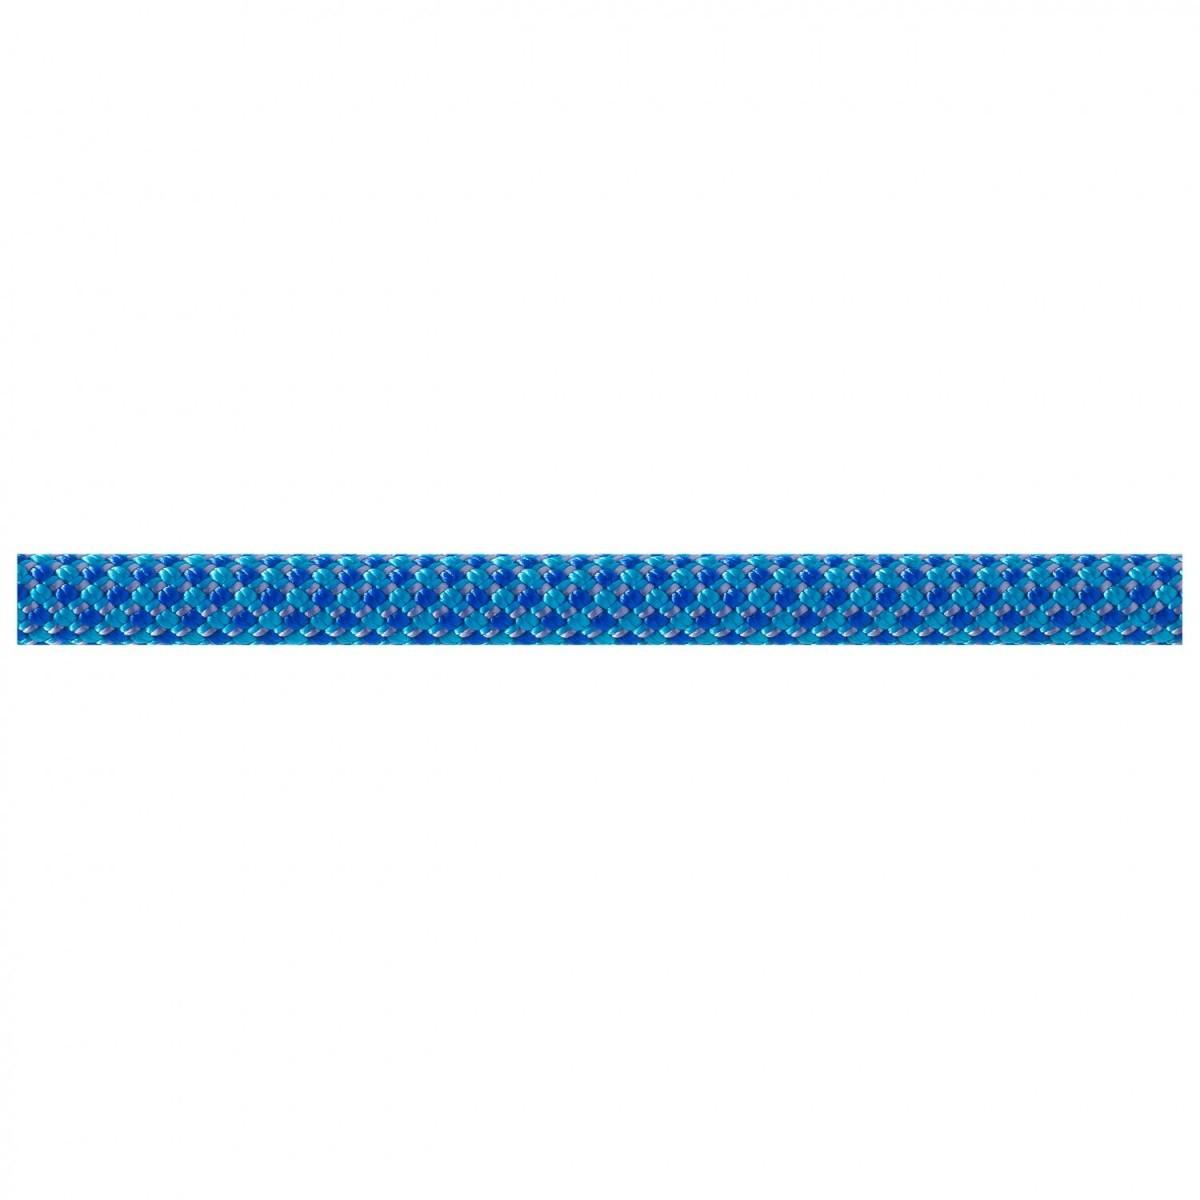 BEAL べアール Joker 9.1 mm (50m - Blue)★ロープ・ザイル・登山・クライミング★